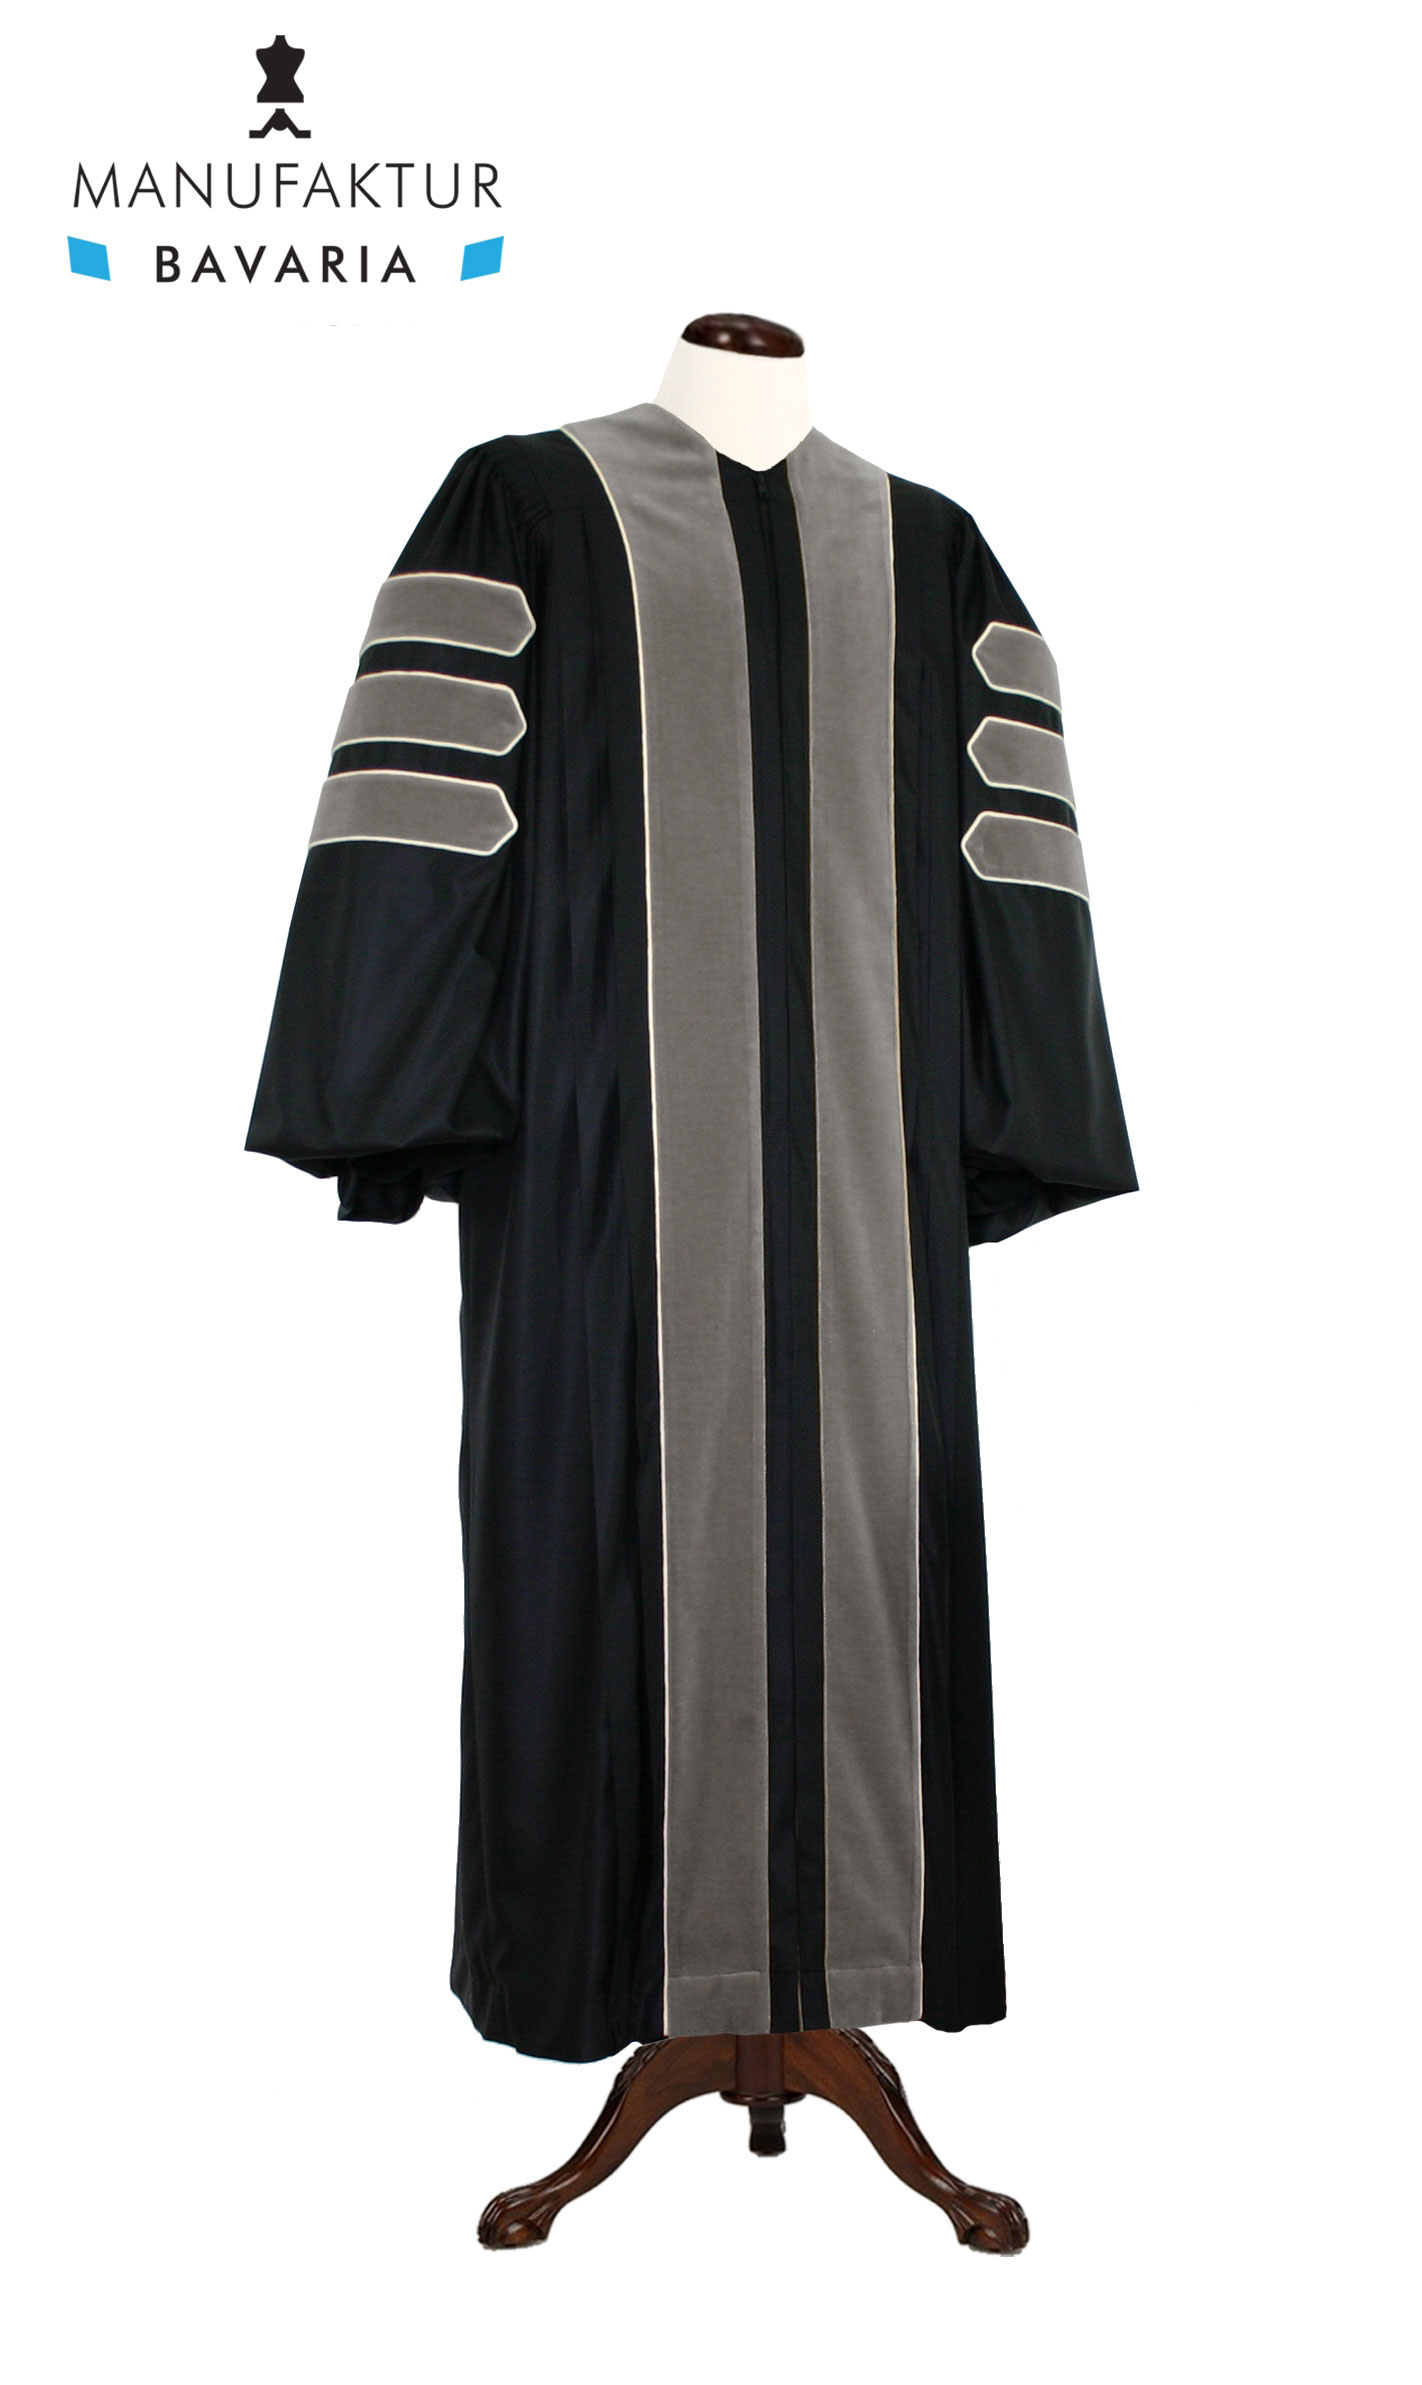 Doktortalar Tierheilkunde - royal regalia